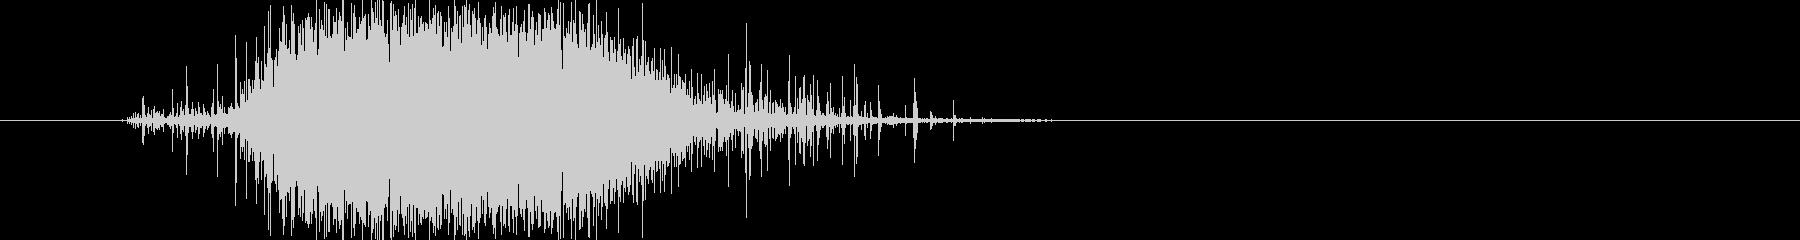 レインスティックを早く鳴らした音の未再生の波形